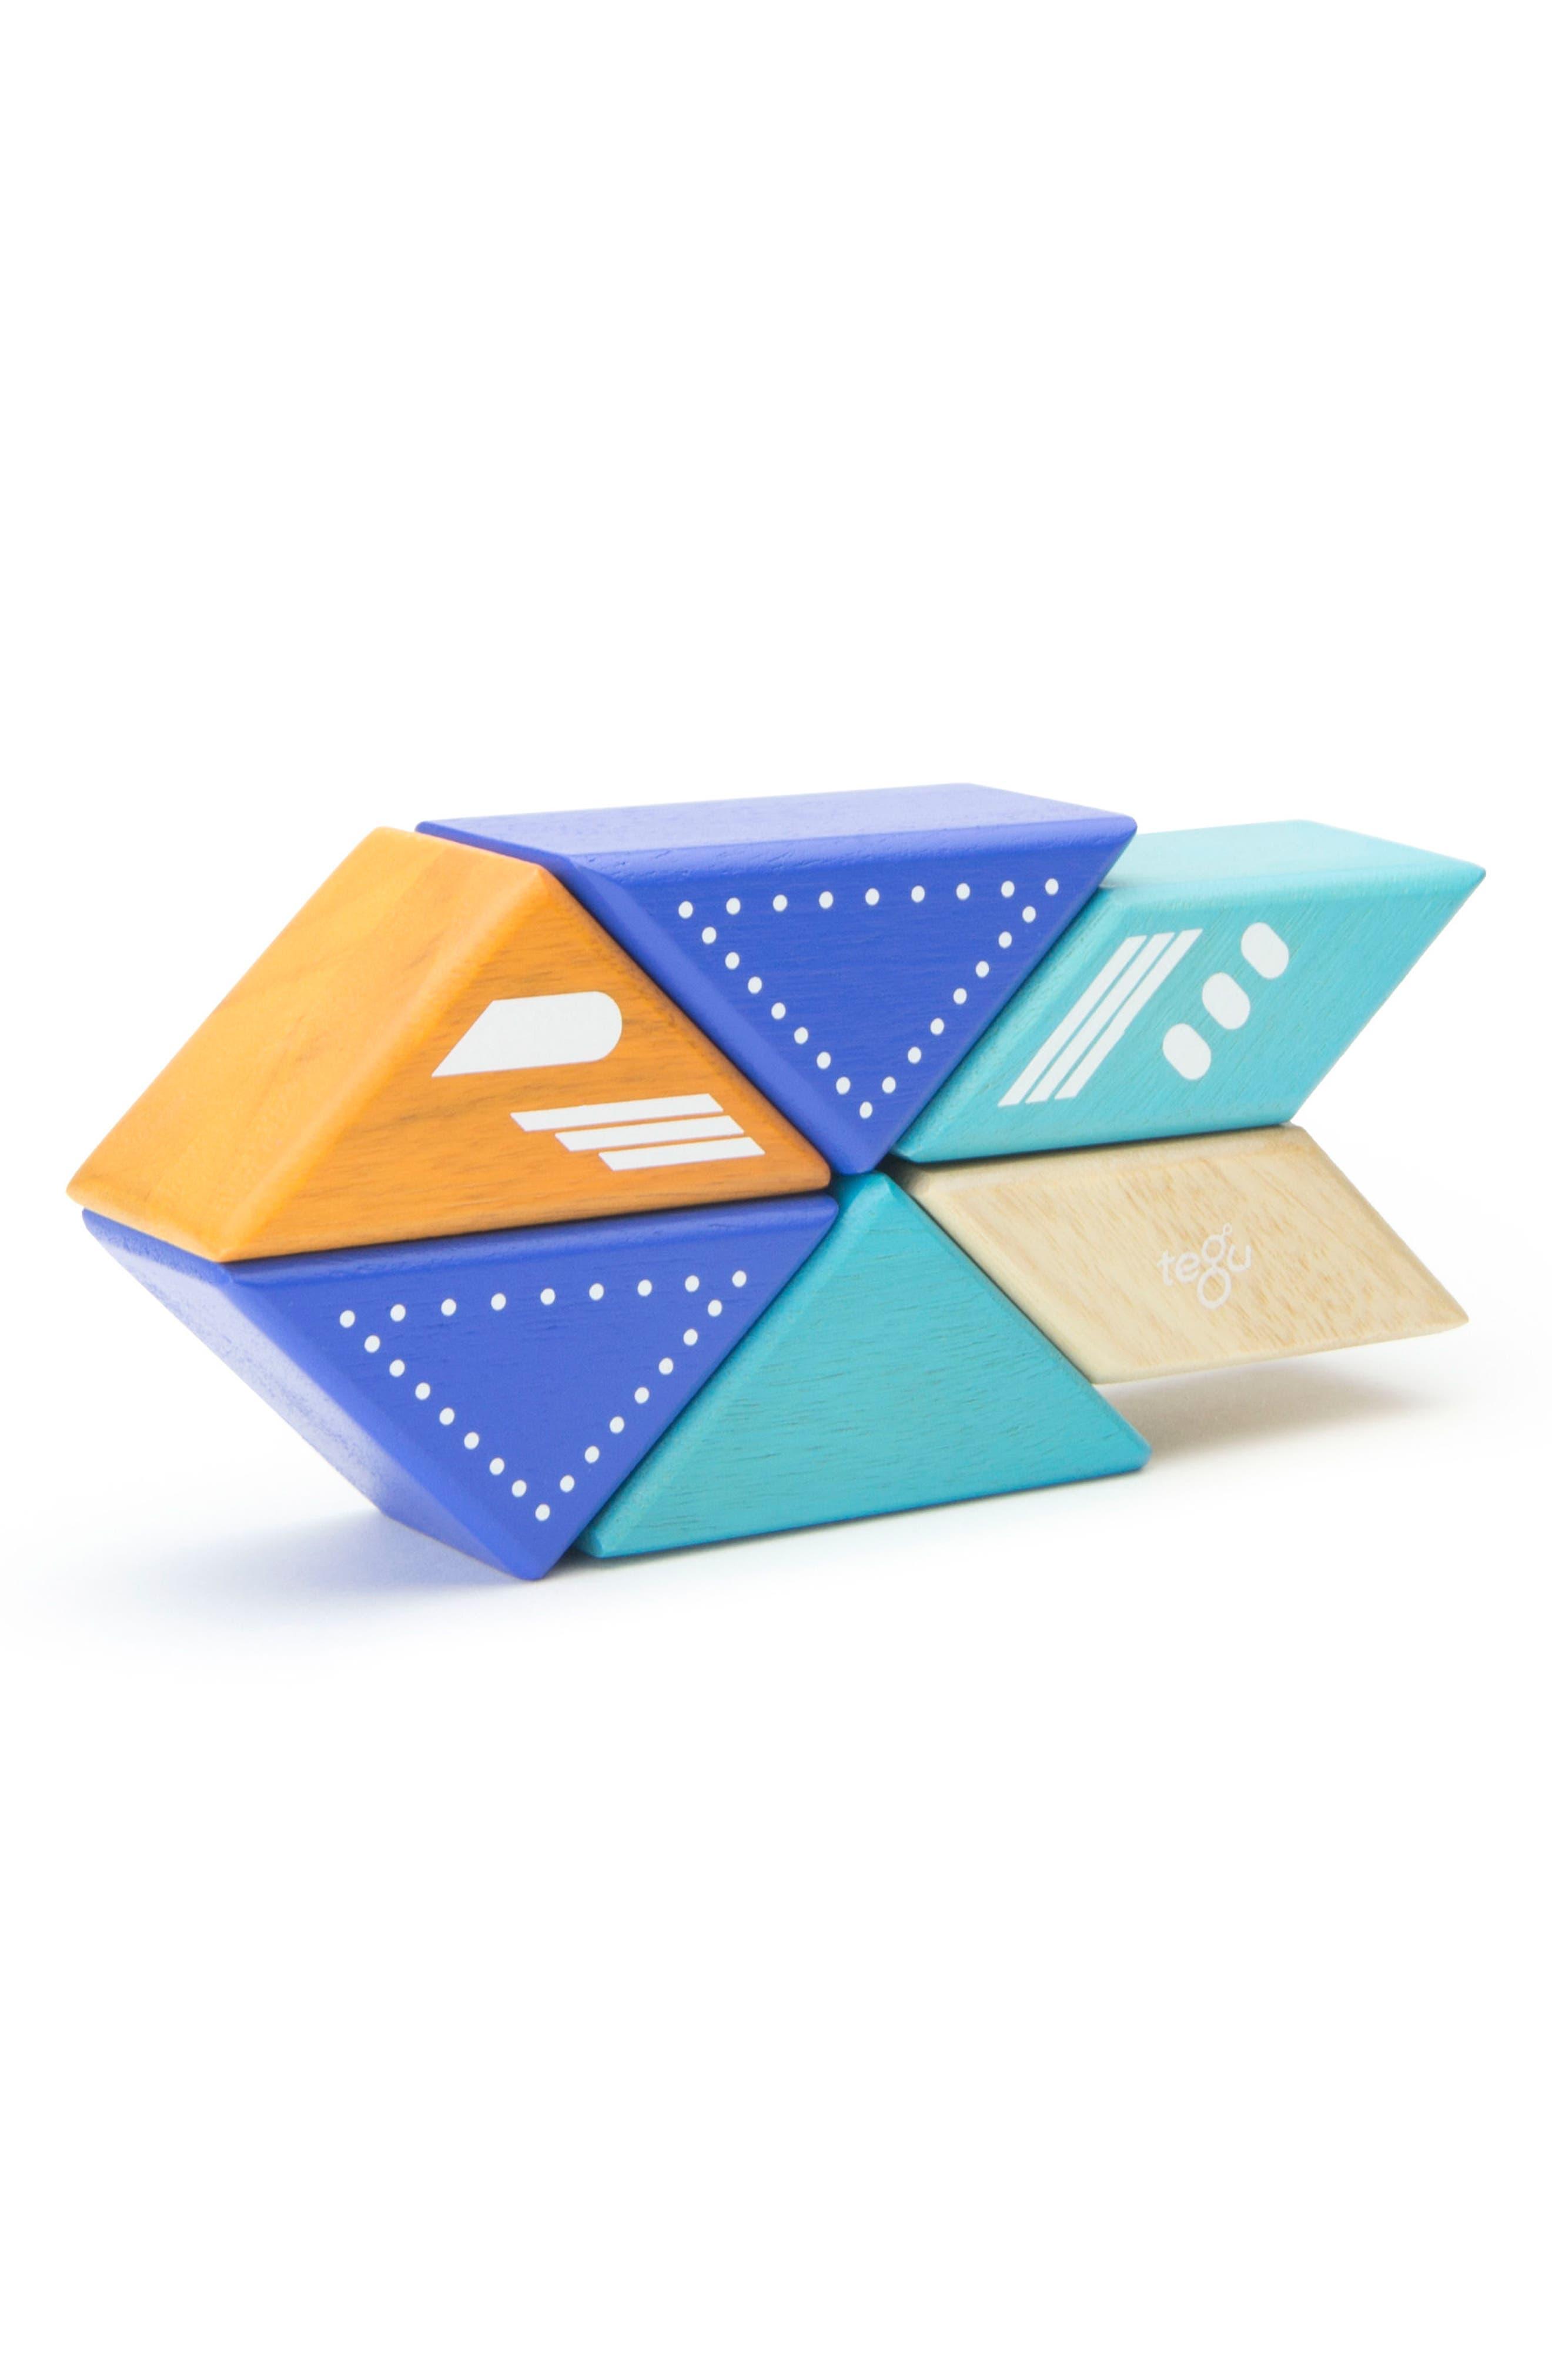 Travel Pals 6-Piece Jet Magnetic Block Set,                             Alternate thumbnail 10, color,                             Blue